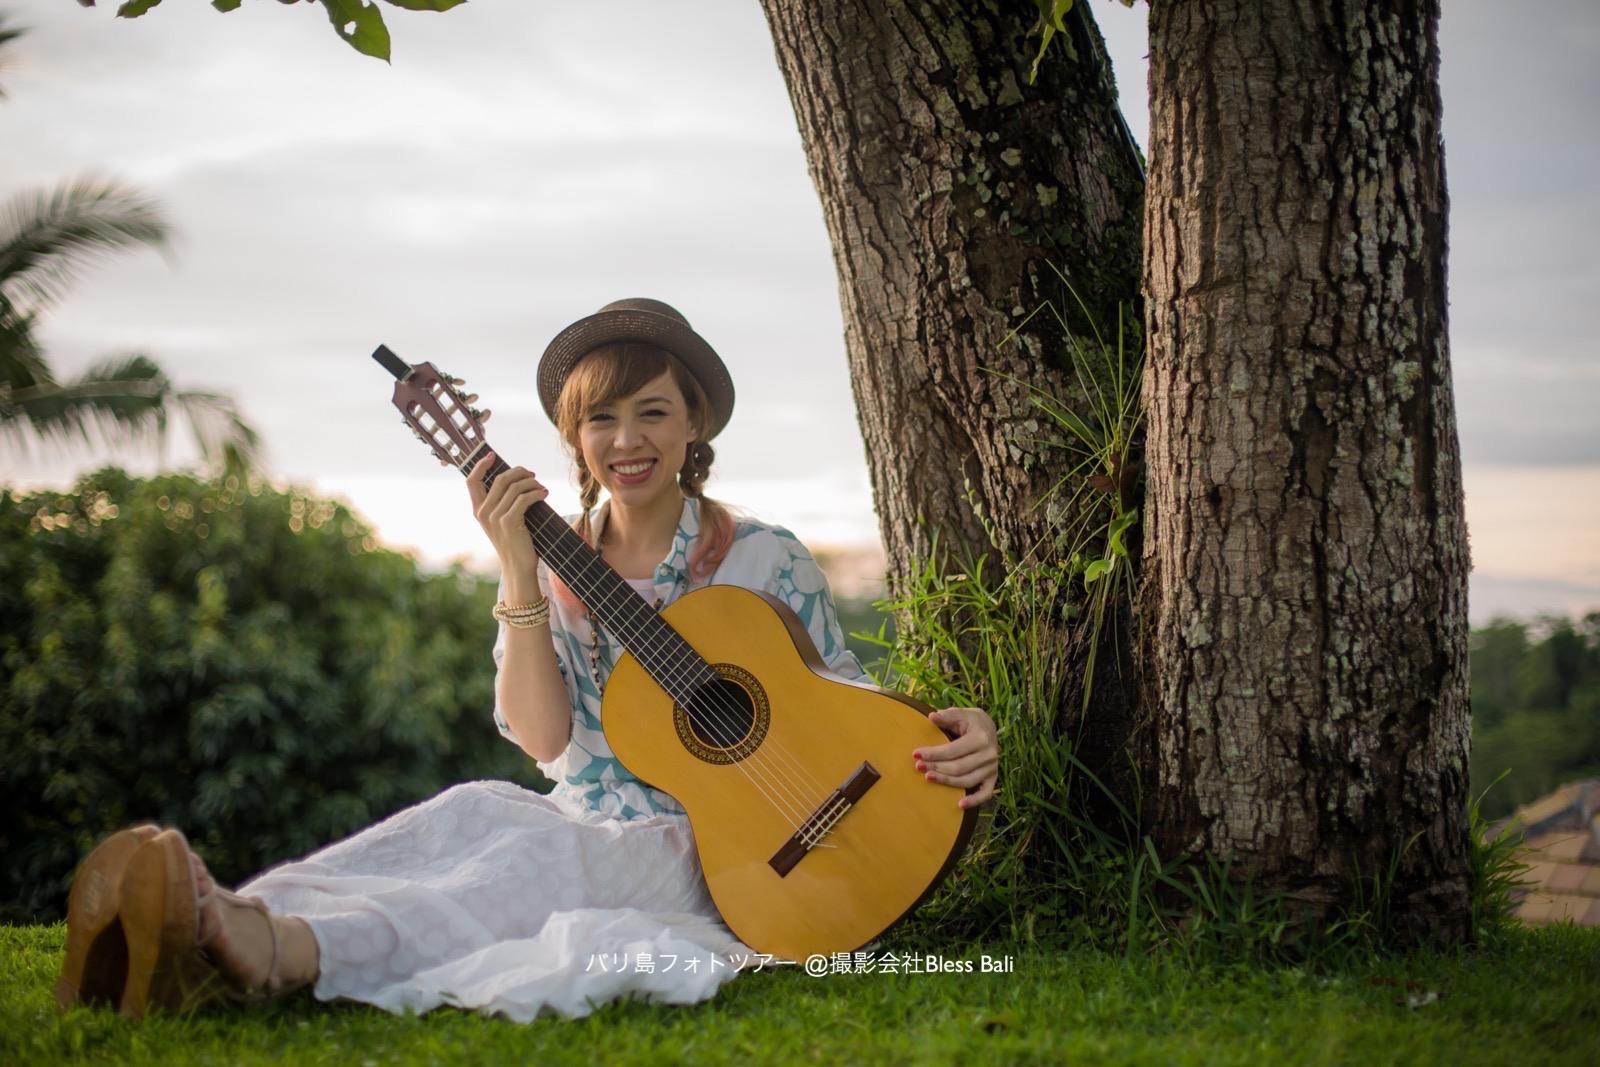 バグースジャティの雰囲気がある木の下でギターを一緒に撮影